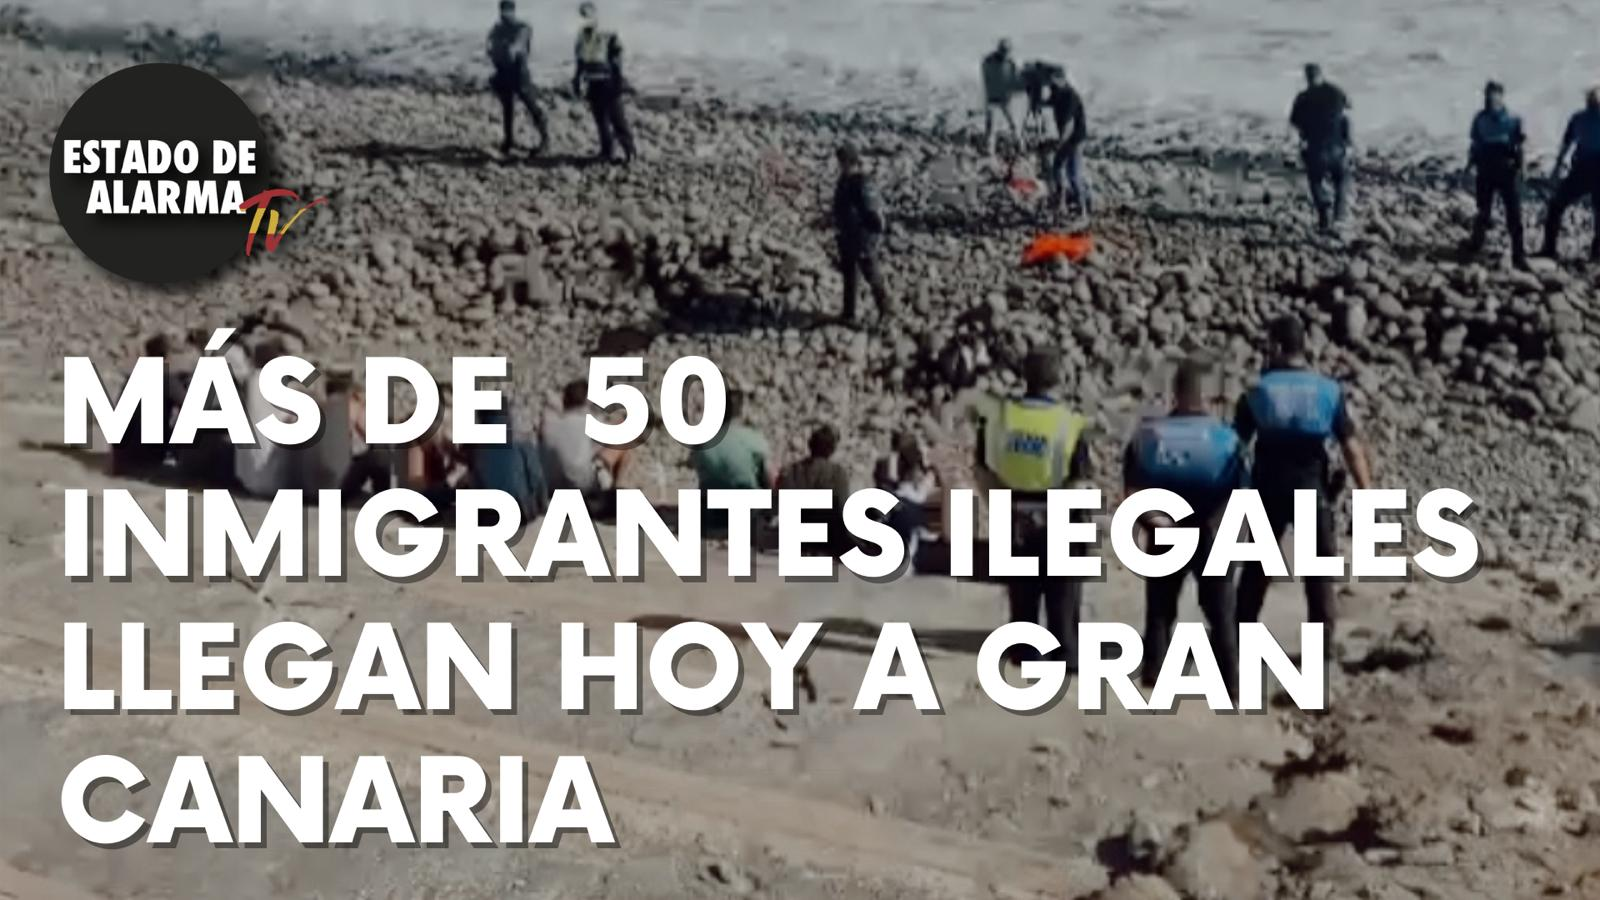 Más de cincuenta inmigrantes ilegales llegan hoy a Gran Canaria